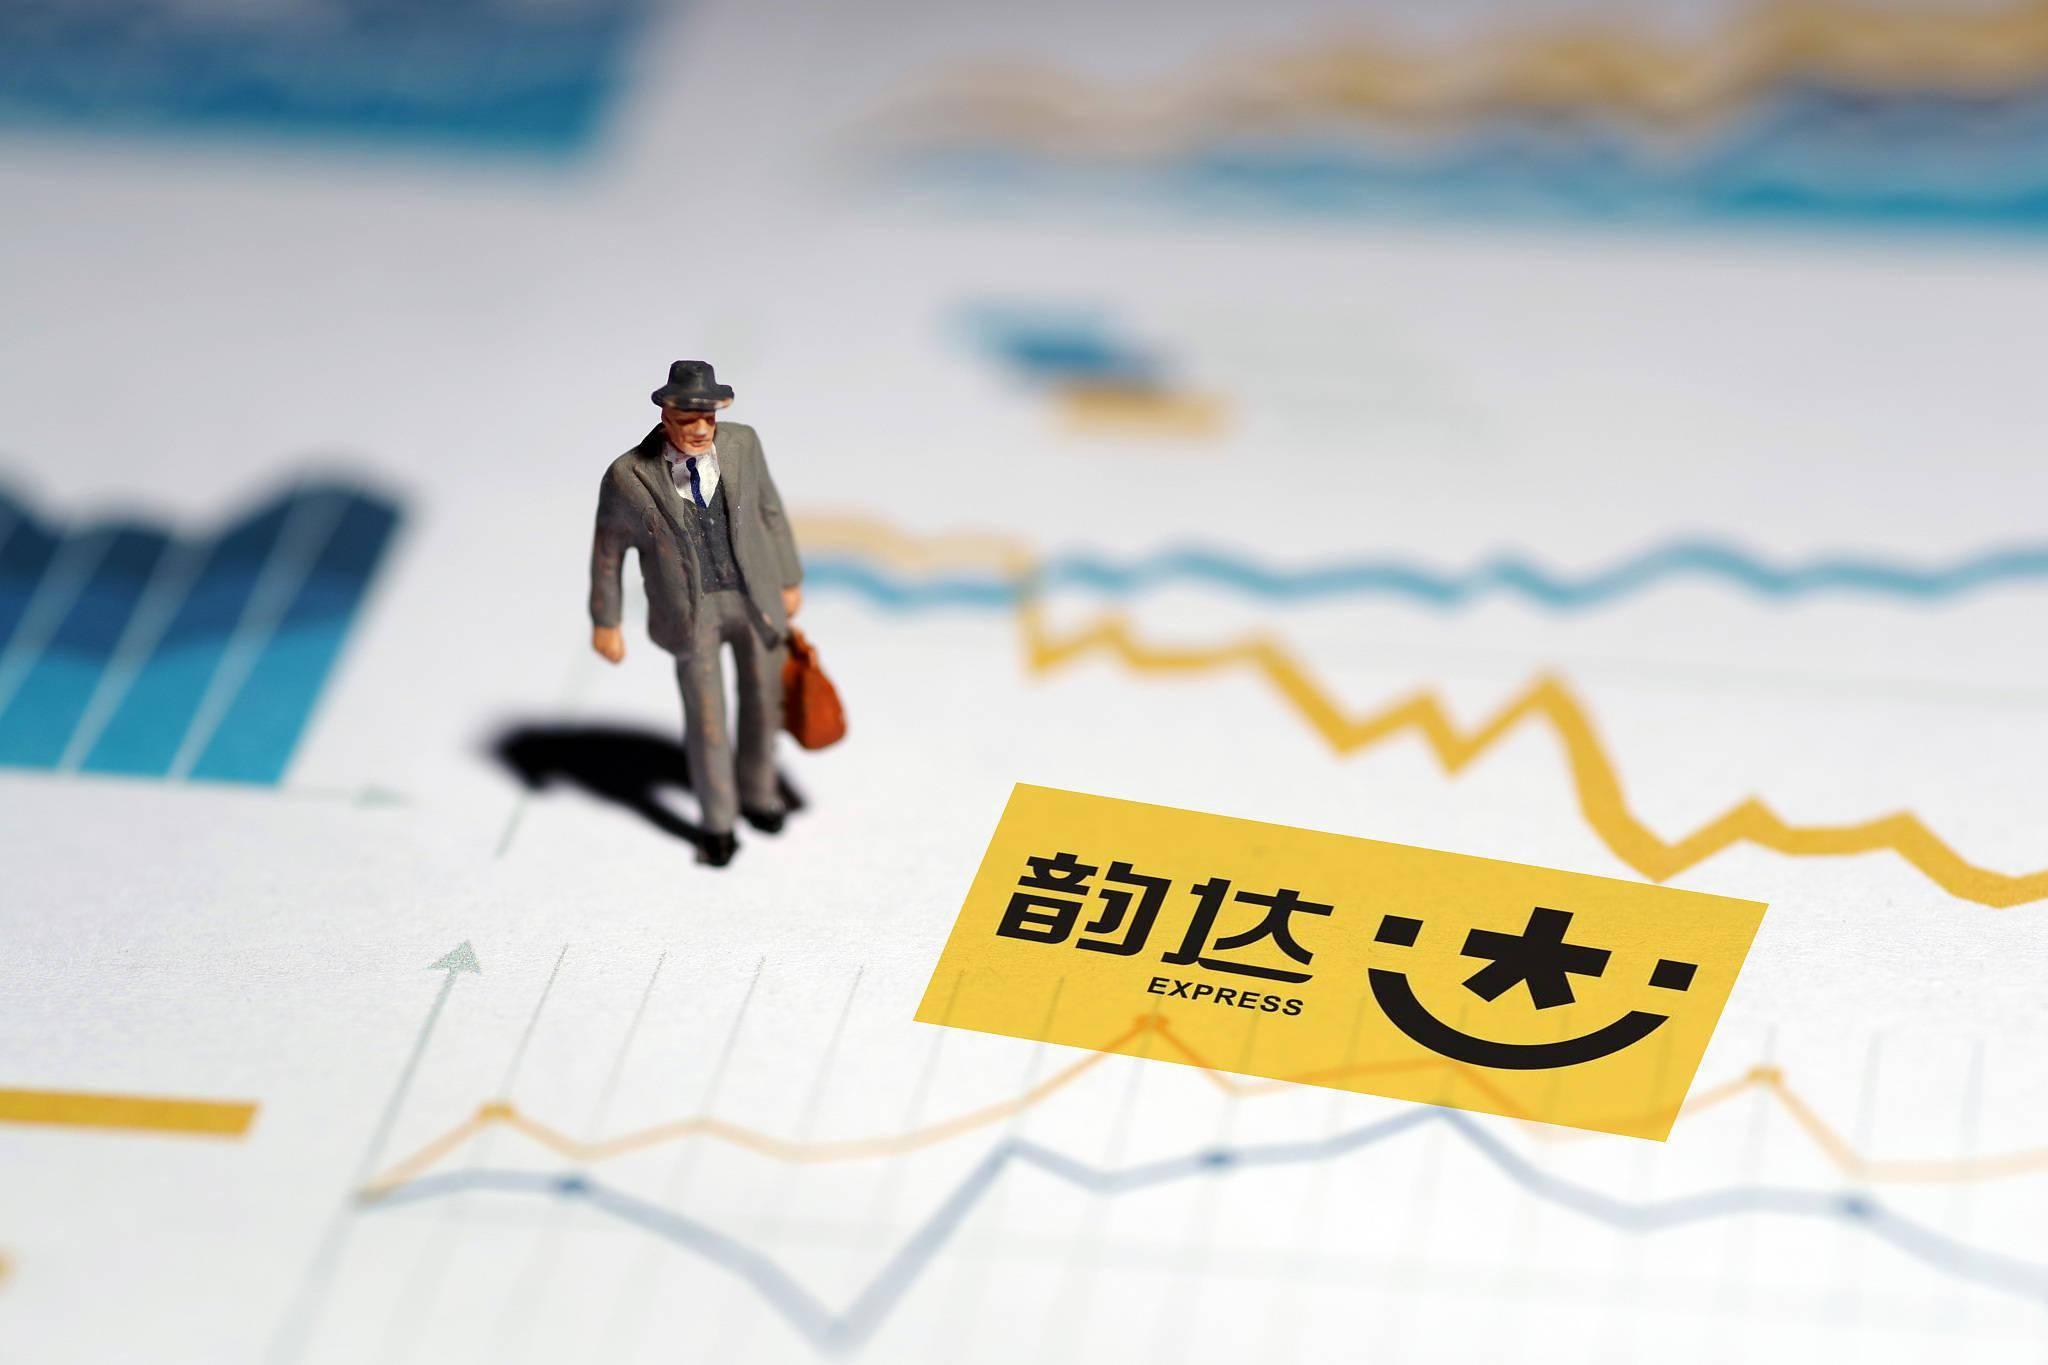 大云股票最后一闪而过,股价创下五年来新低。去年前三个季度的利润接近腰部